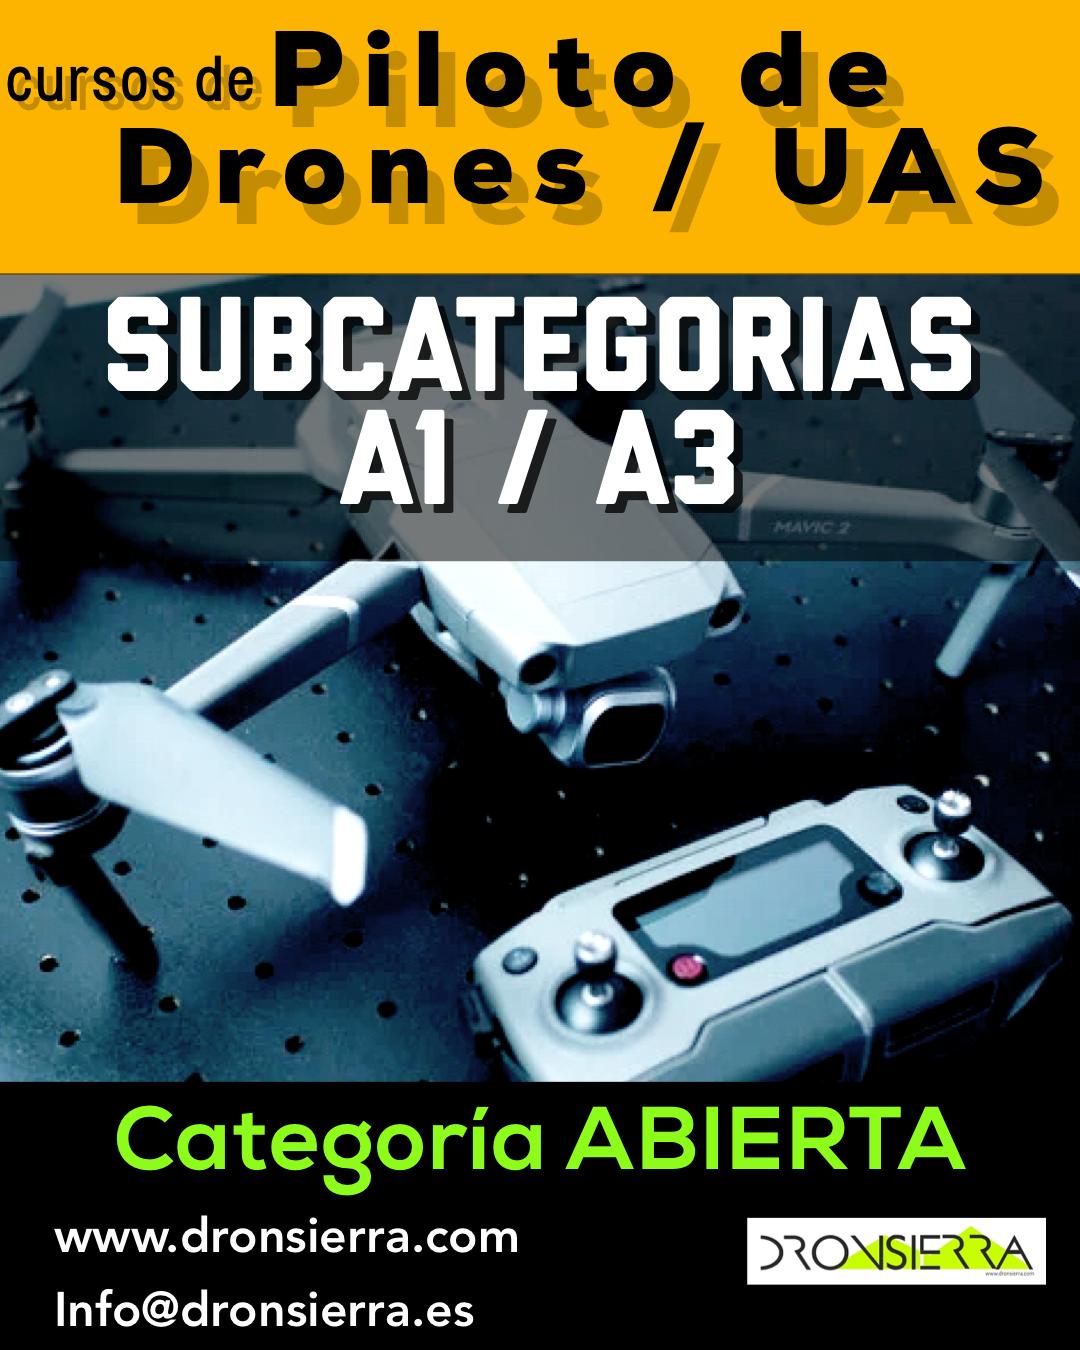 DRONSIERRA. CURSOS DE PILOTO DRONES UAS  A1/A3